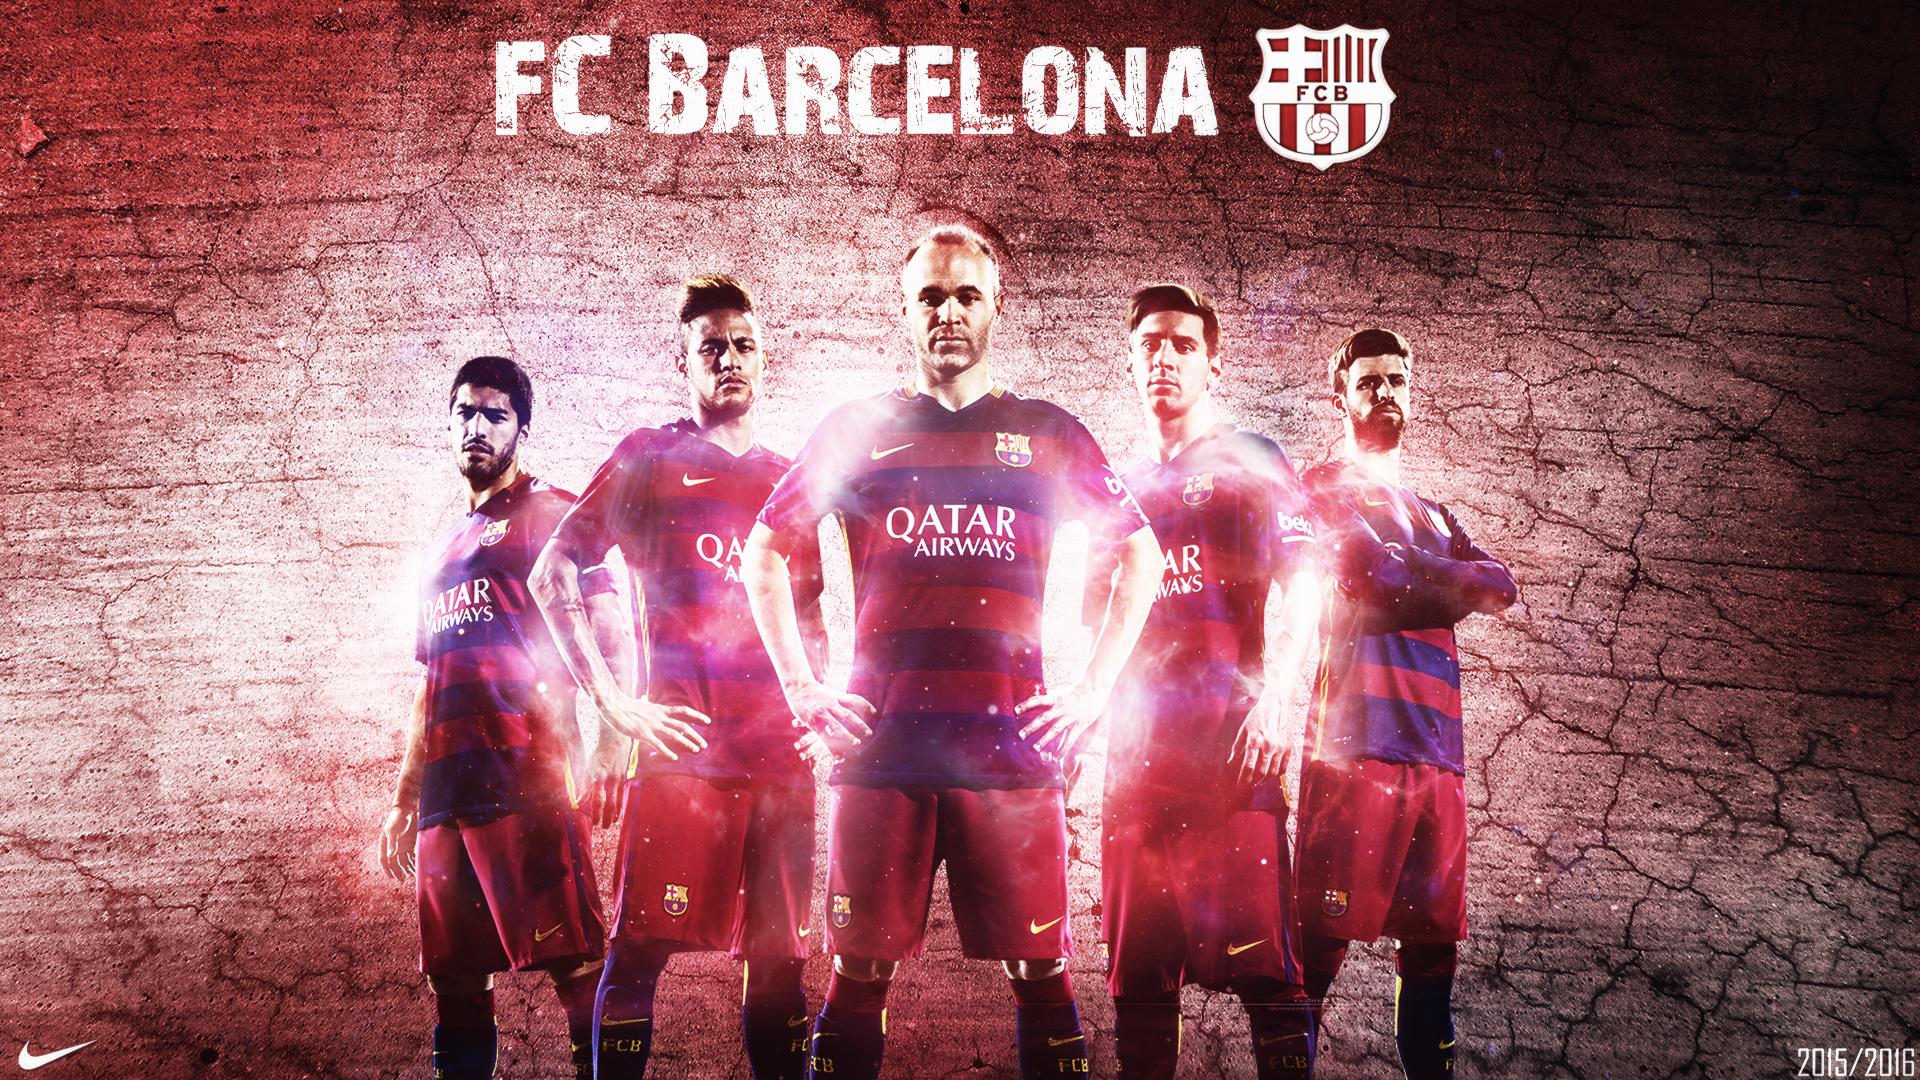 Ecommerce Review del FC Barcelona  ¡Un eCommerce de Champions! 42b13535262